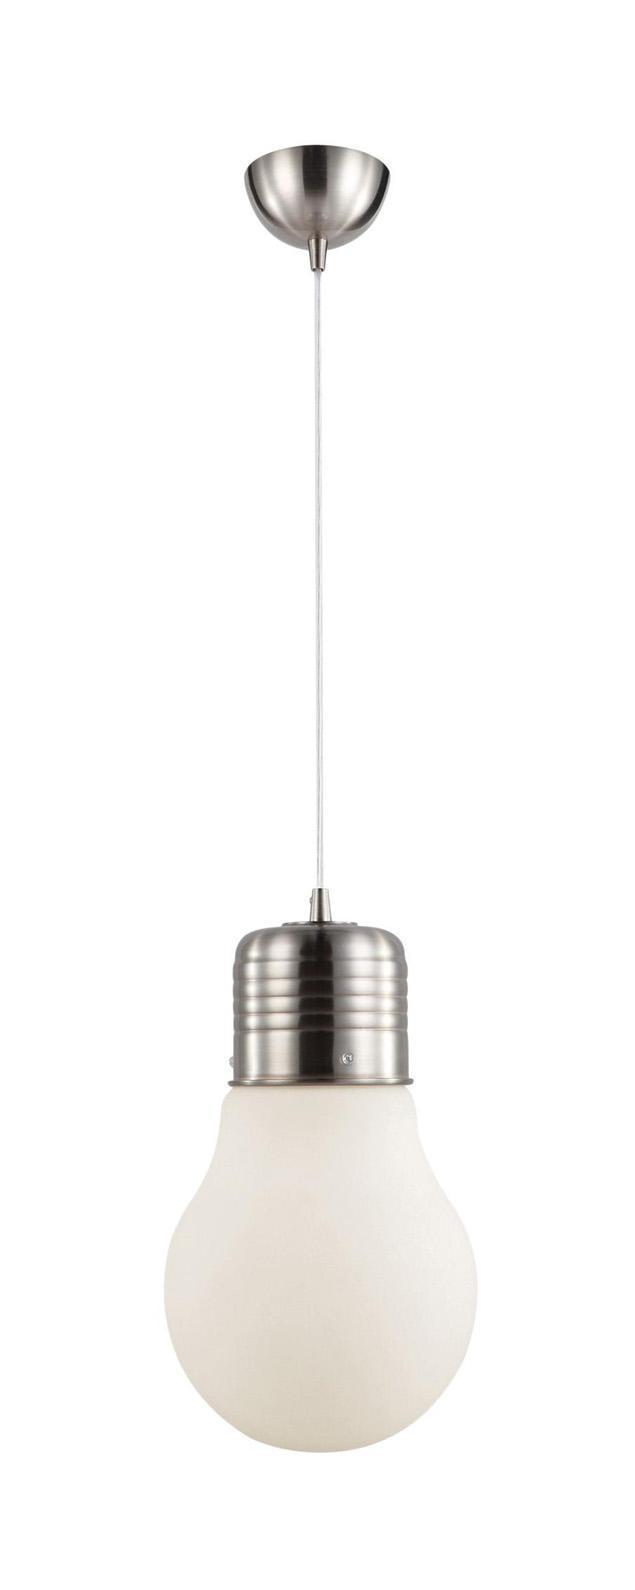 Светильник подвесной Arte lamp A1402sp-1ss торшер 43 a2054pn 1ss arte lamp 1176958